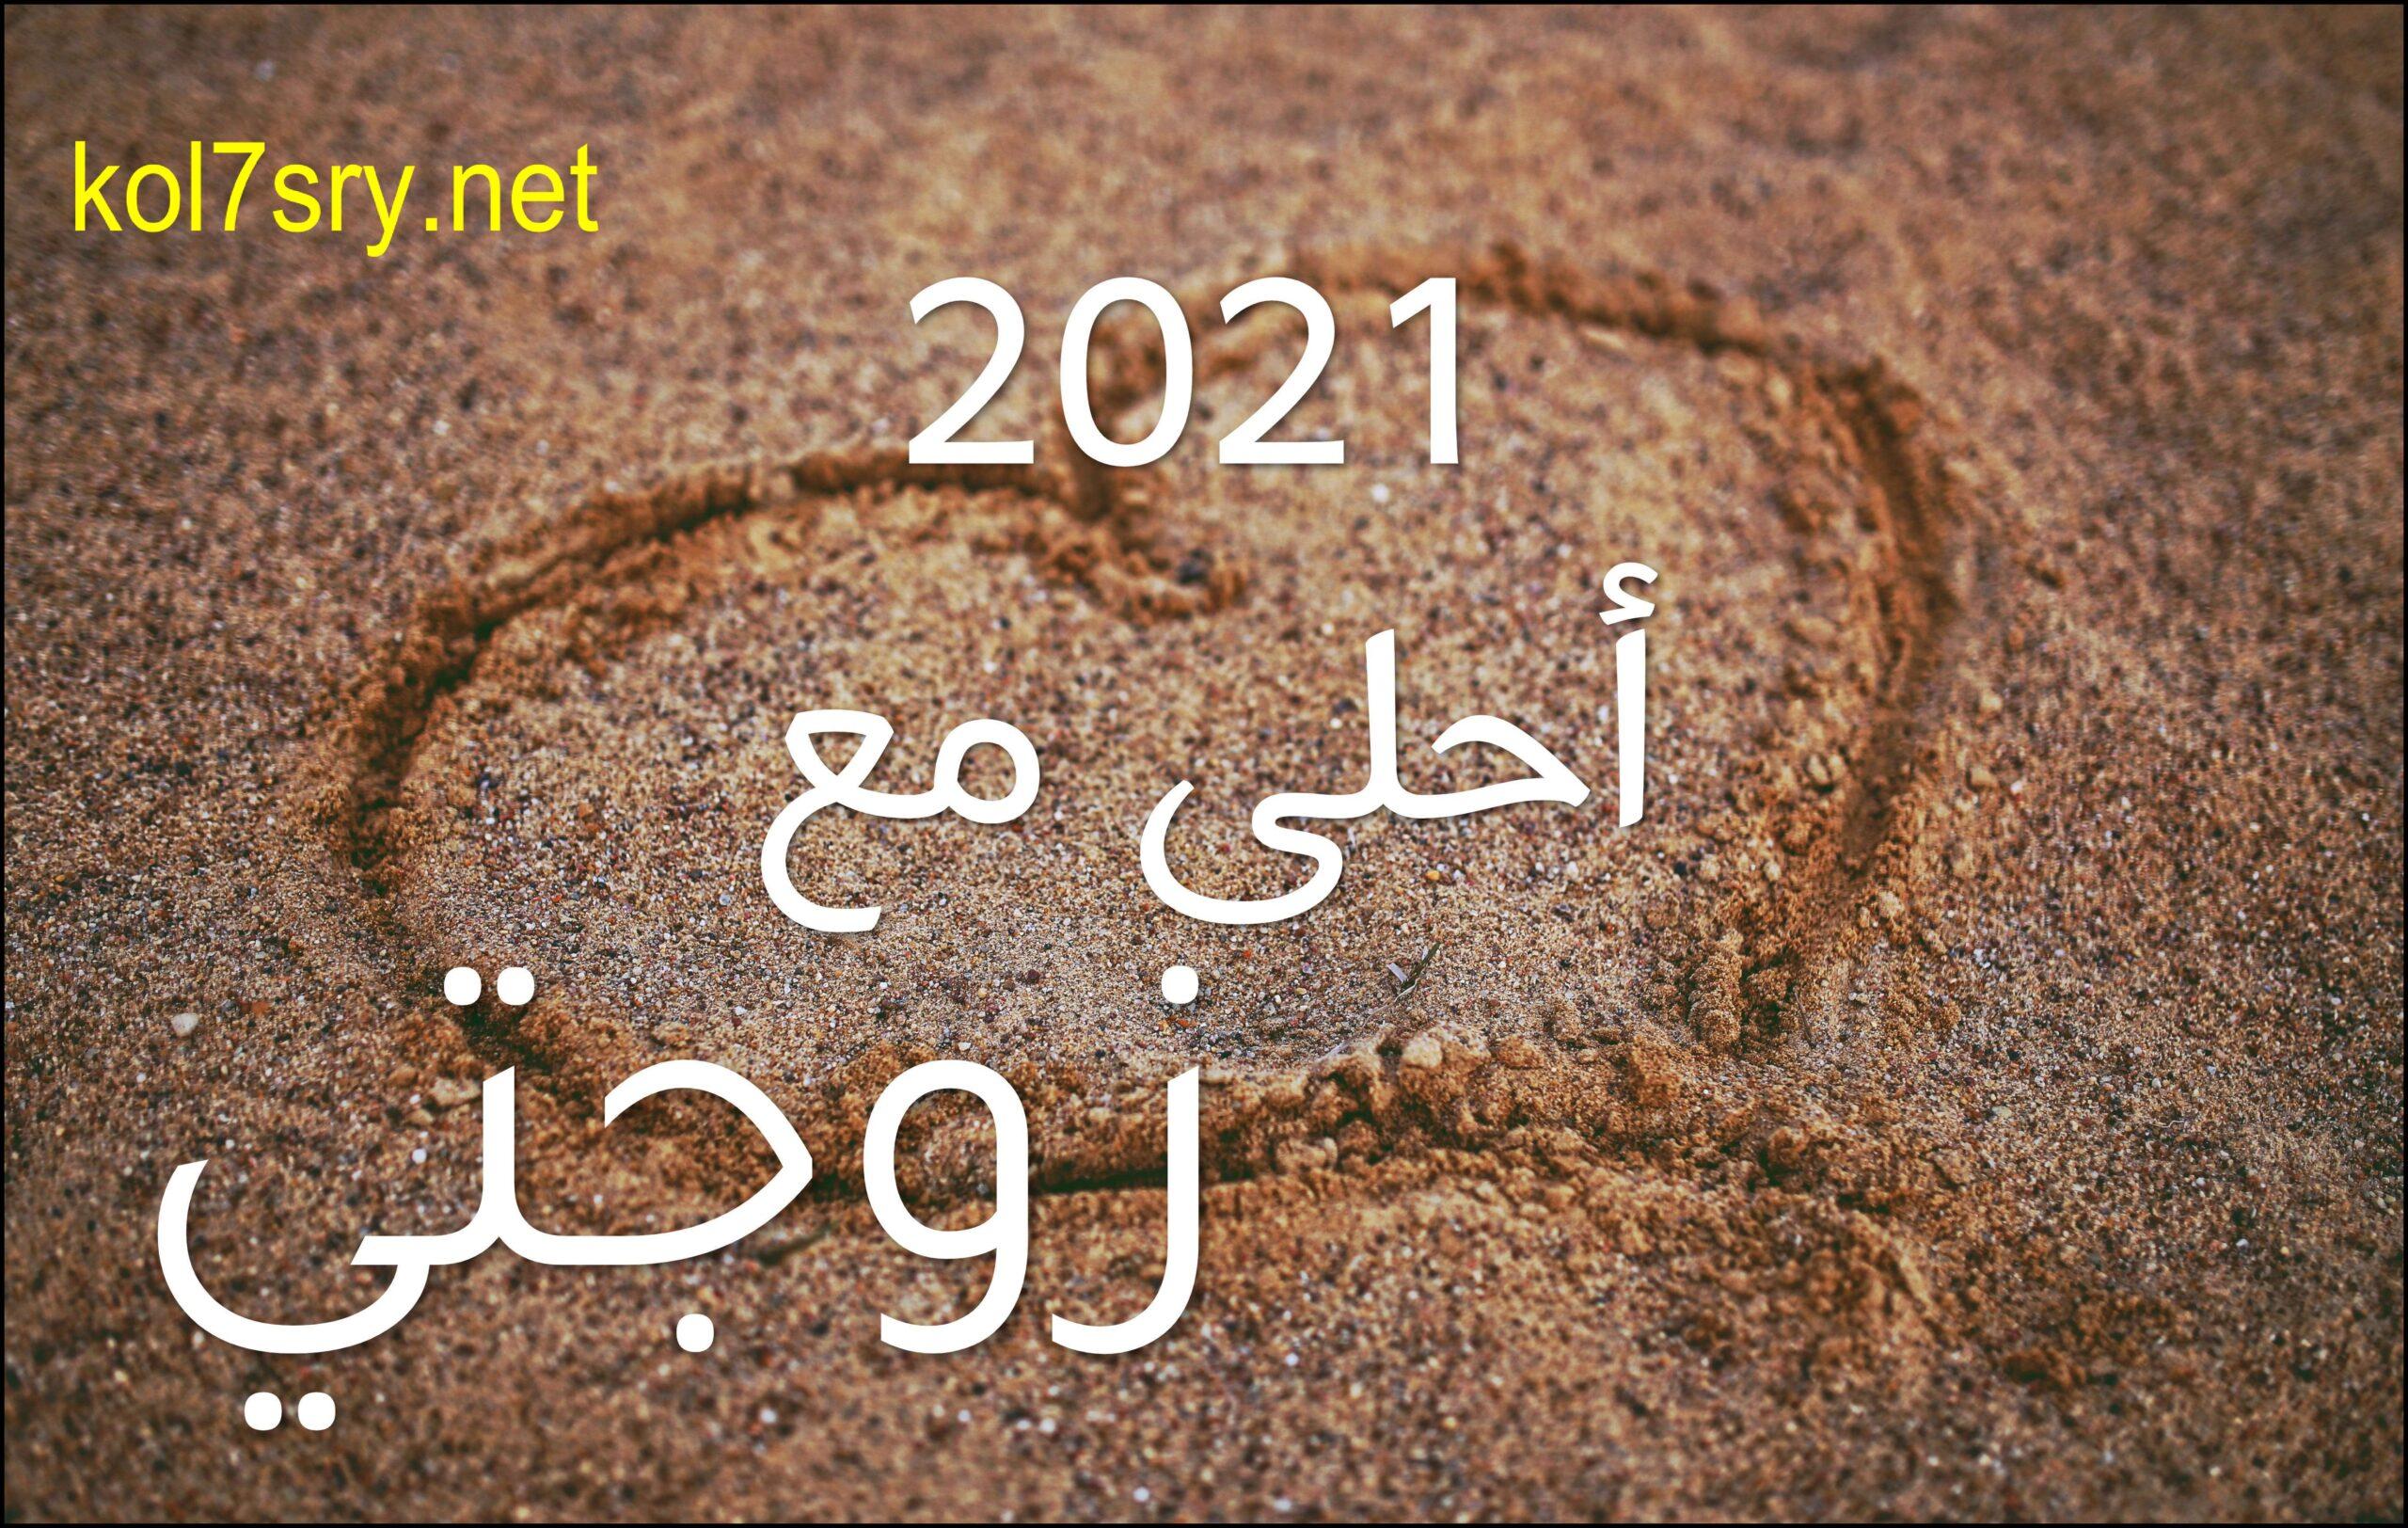 2021 أحلى مع اسمك أجمل 40 صورة HD لعام 2021 احلى مع مجانا اطلب التصميم بالتعليقات 4